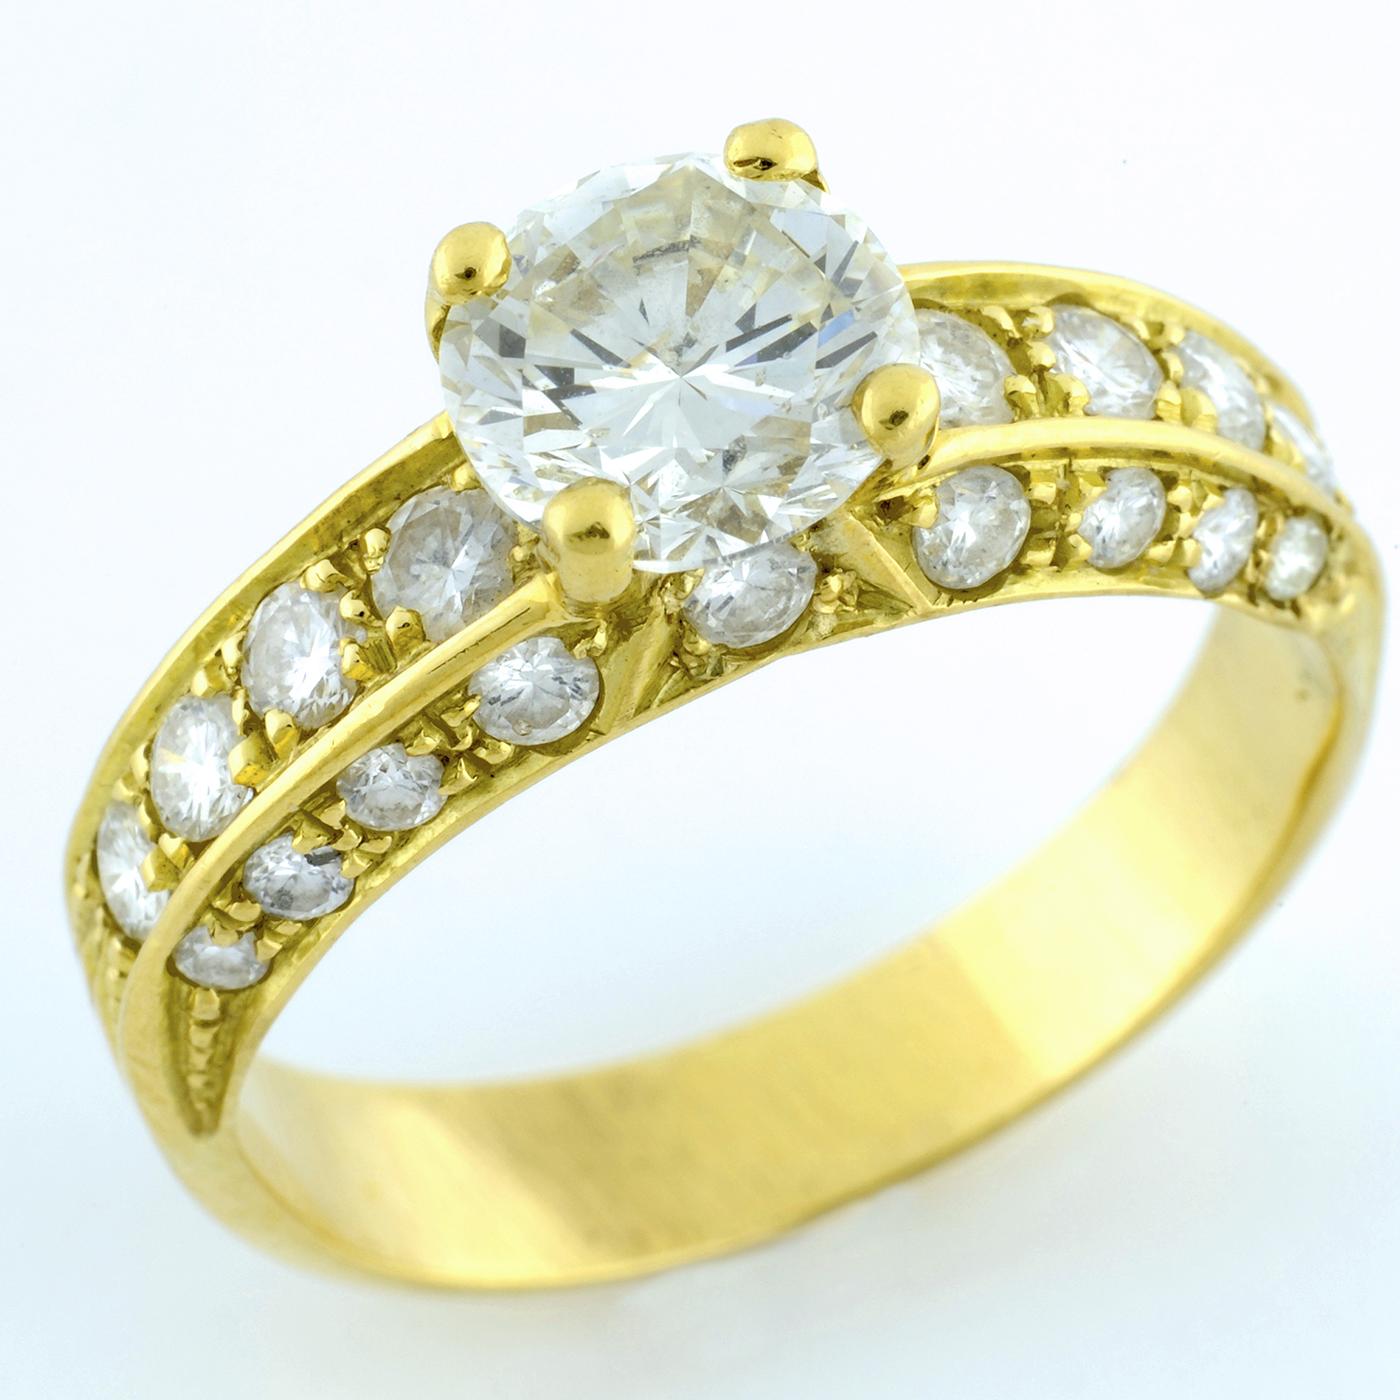 Sortija en Oro de 18k. con Diamante Talla Brillante de 1.26 ct. L-P1 (Certificado IGE) y 26 Brillantes de 0,9 ct. aprox.